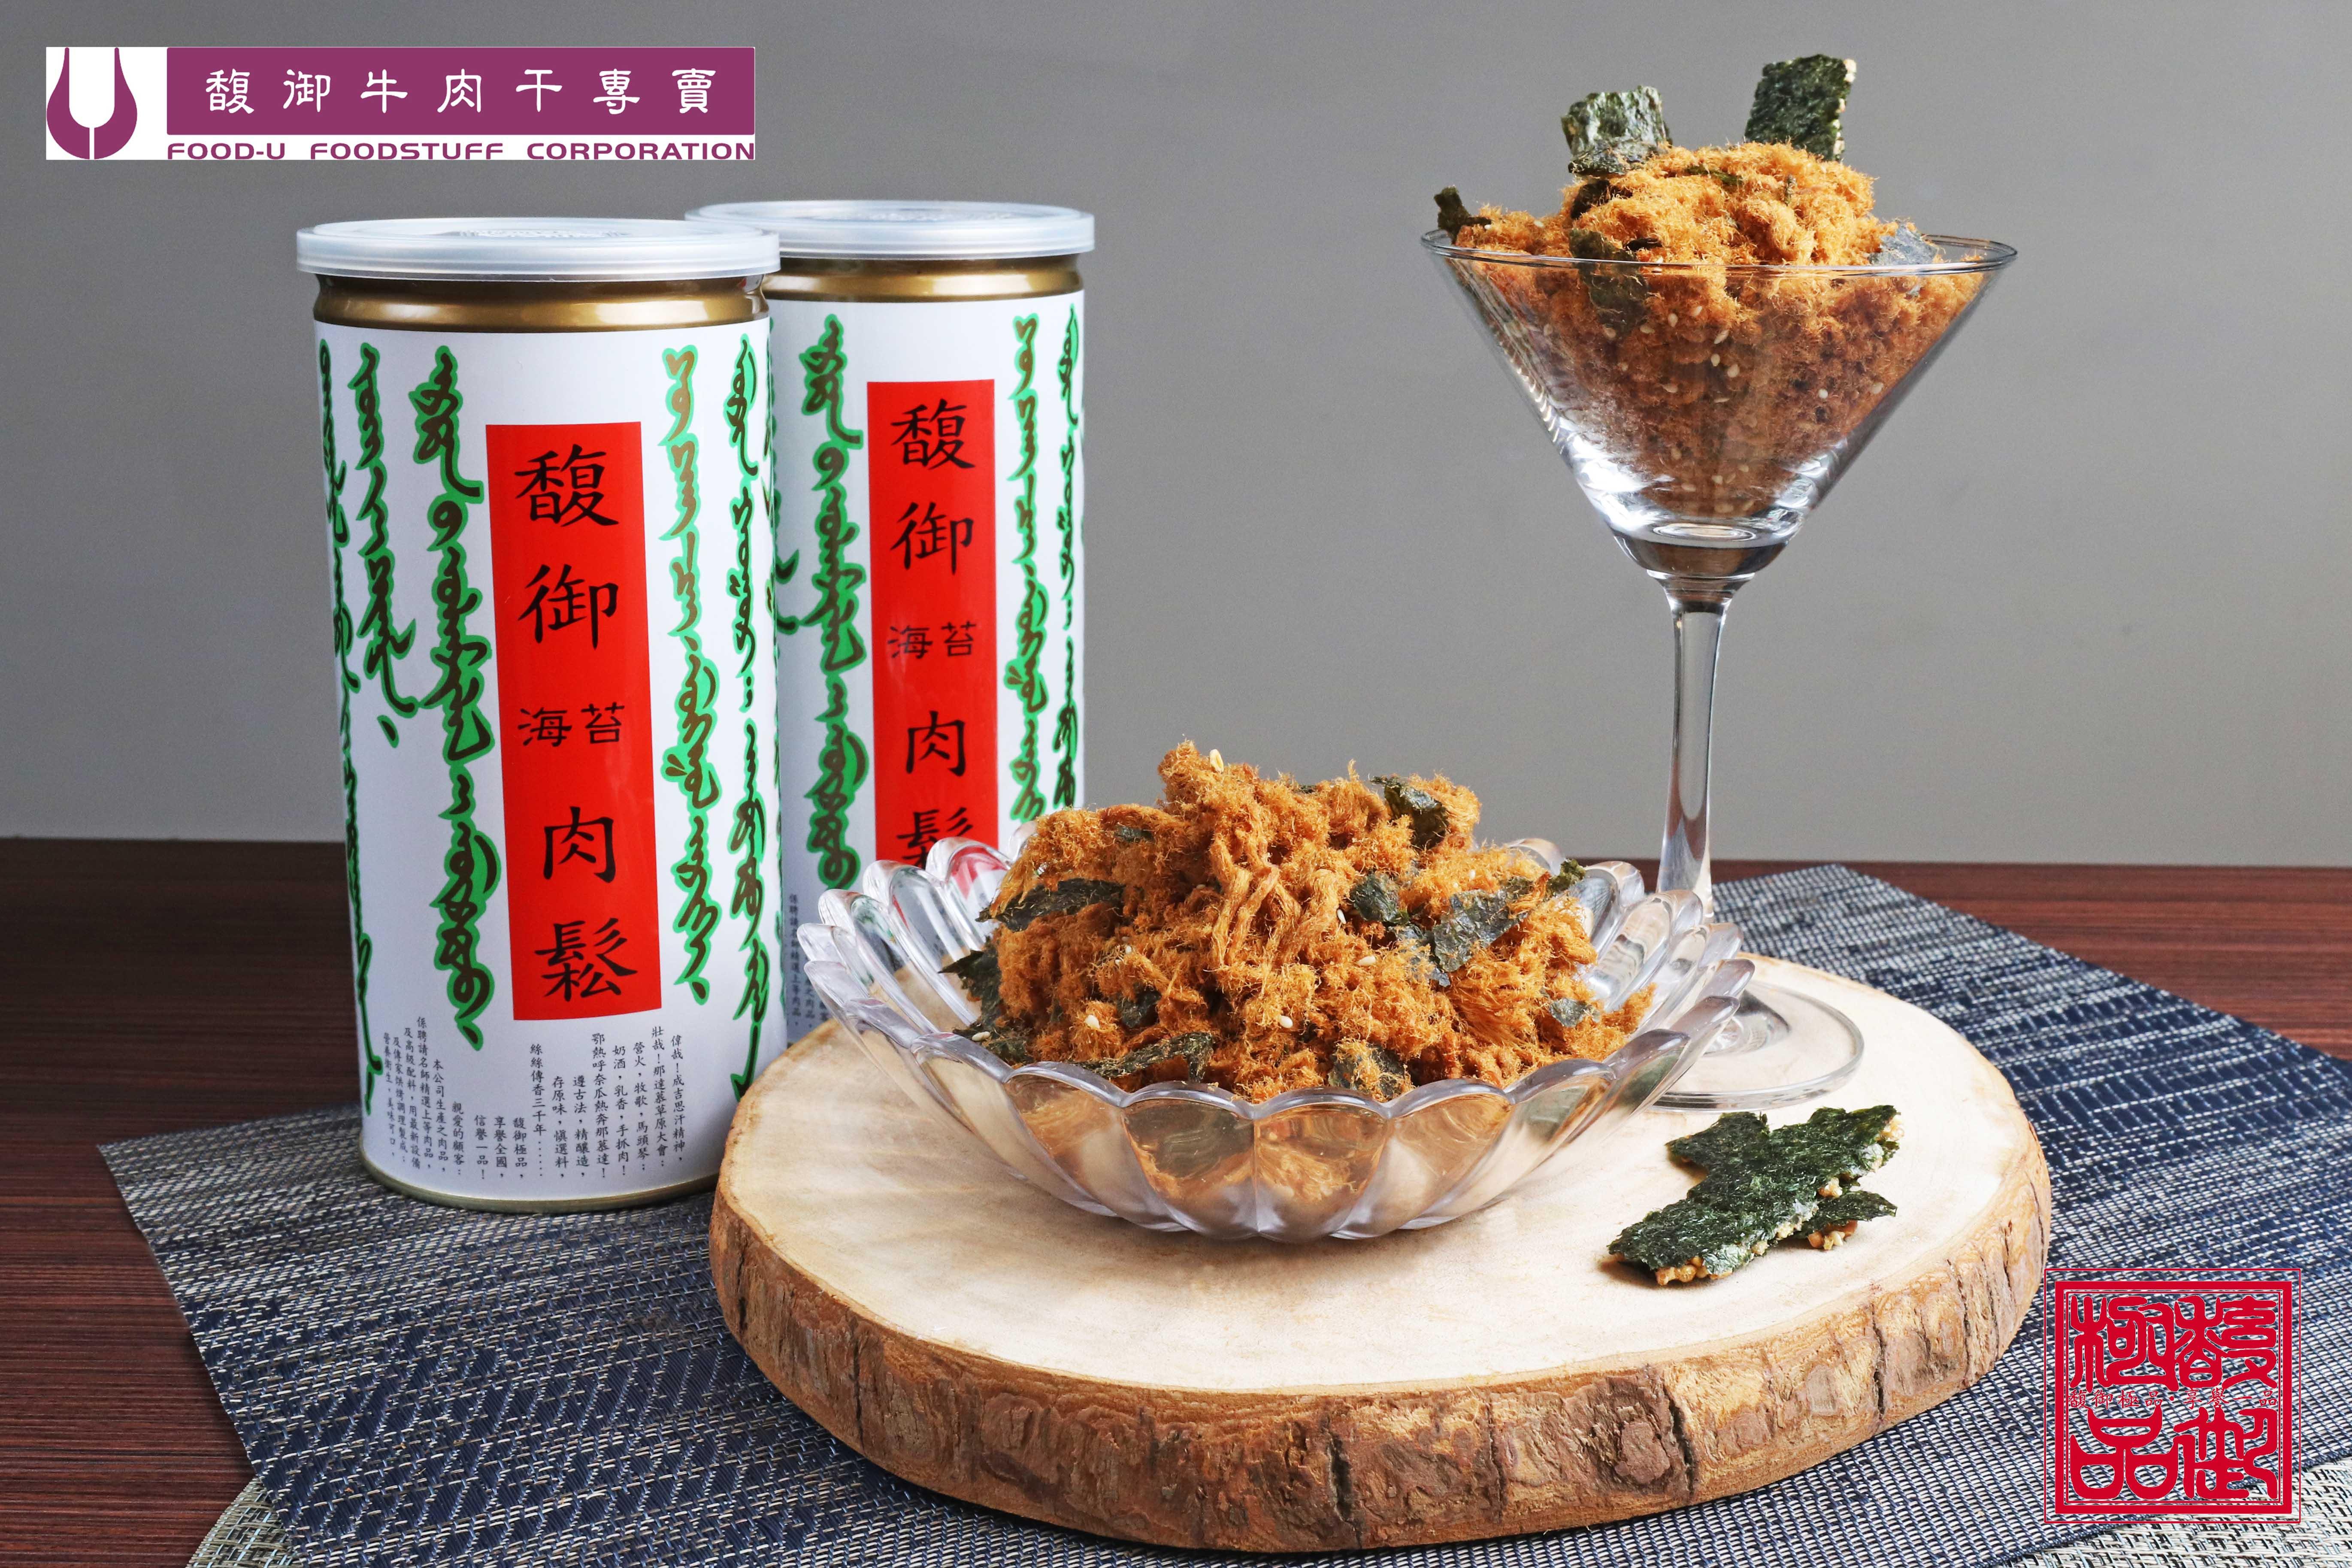 豬肉鬆中加入新鮮海苔脆片,與白芝麻粒混合製成。